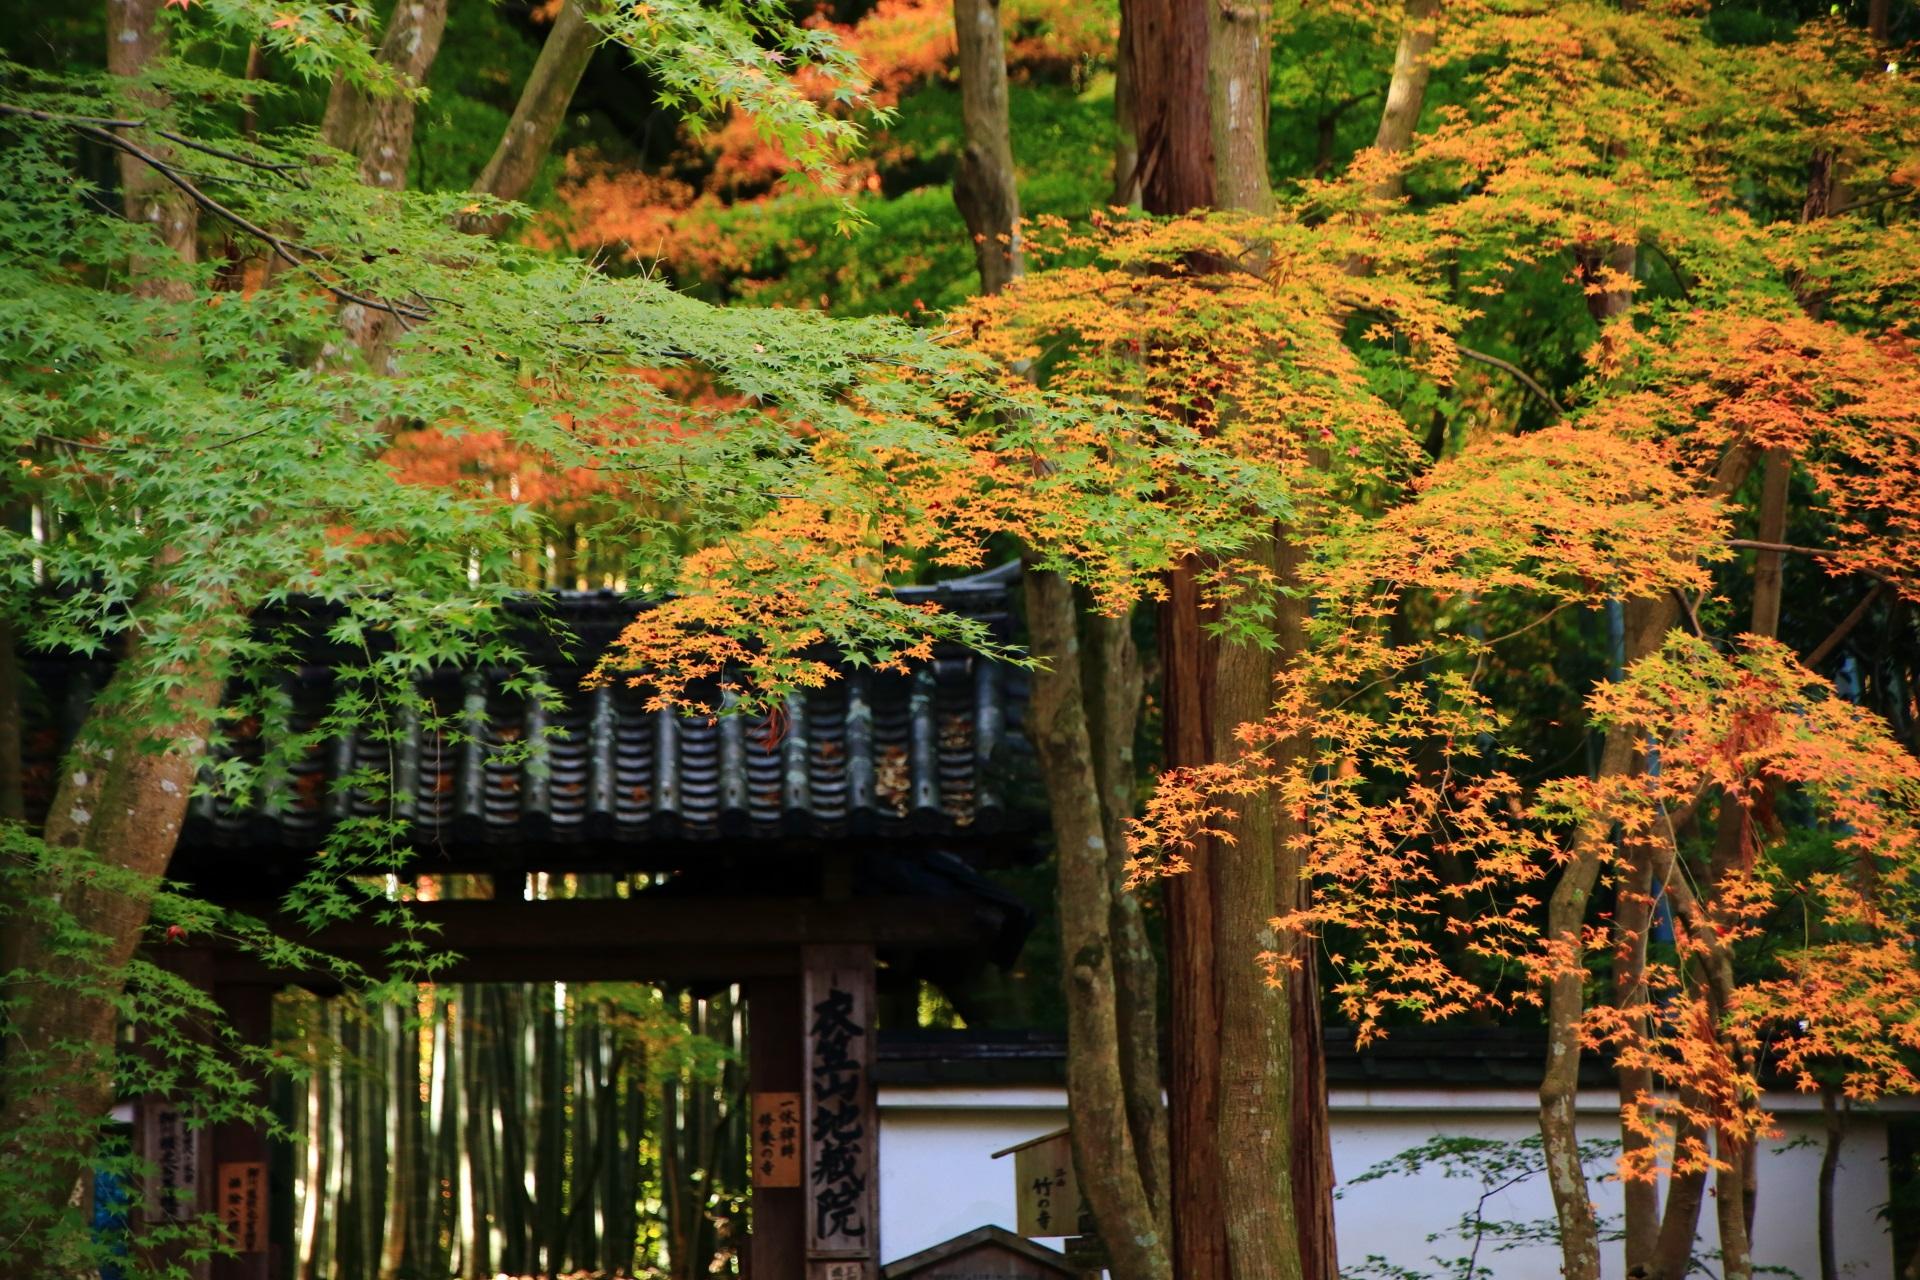 秋の風情を感じられる地蔵院の紅葉